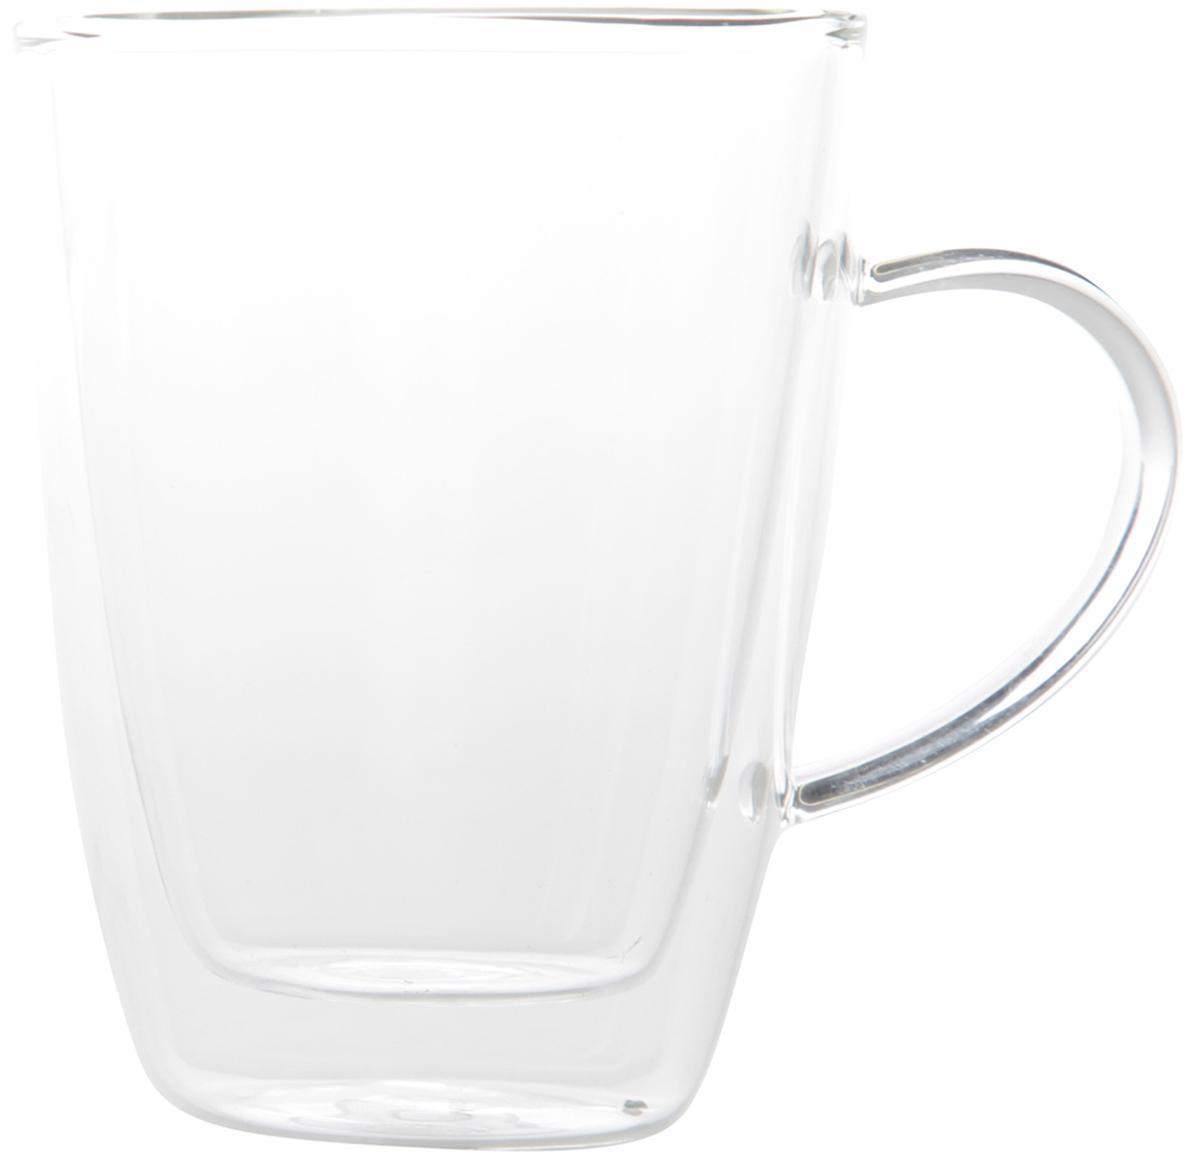 Szklanka termiczna z podwójną ścianką Isolate, 2 szt., Szkło borokrzemowe, Transparentny, Ø 9 x W 12 cm